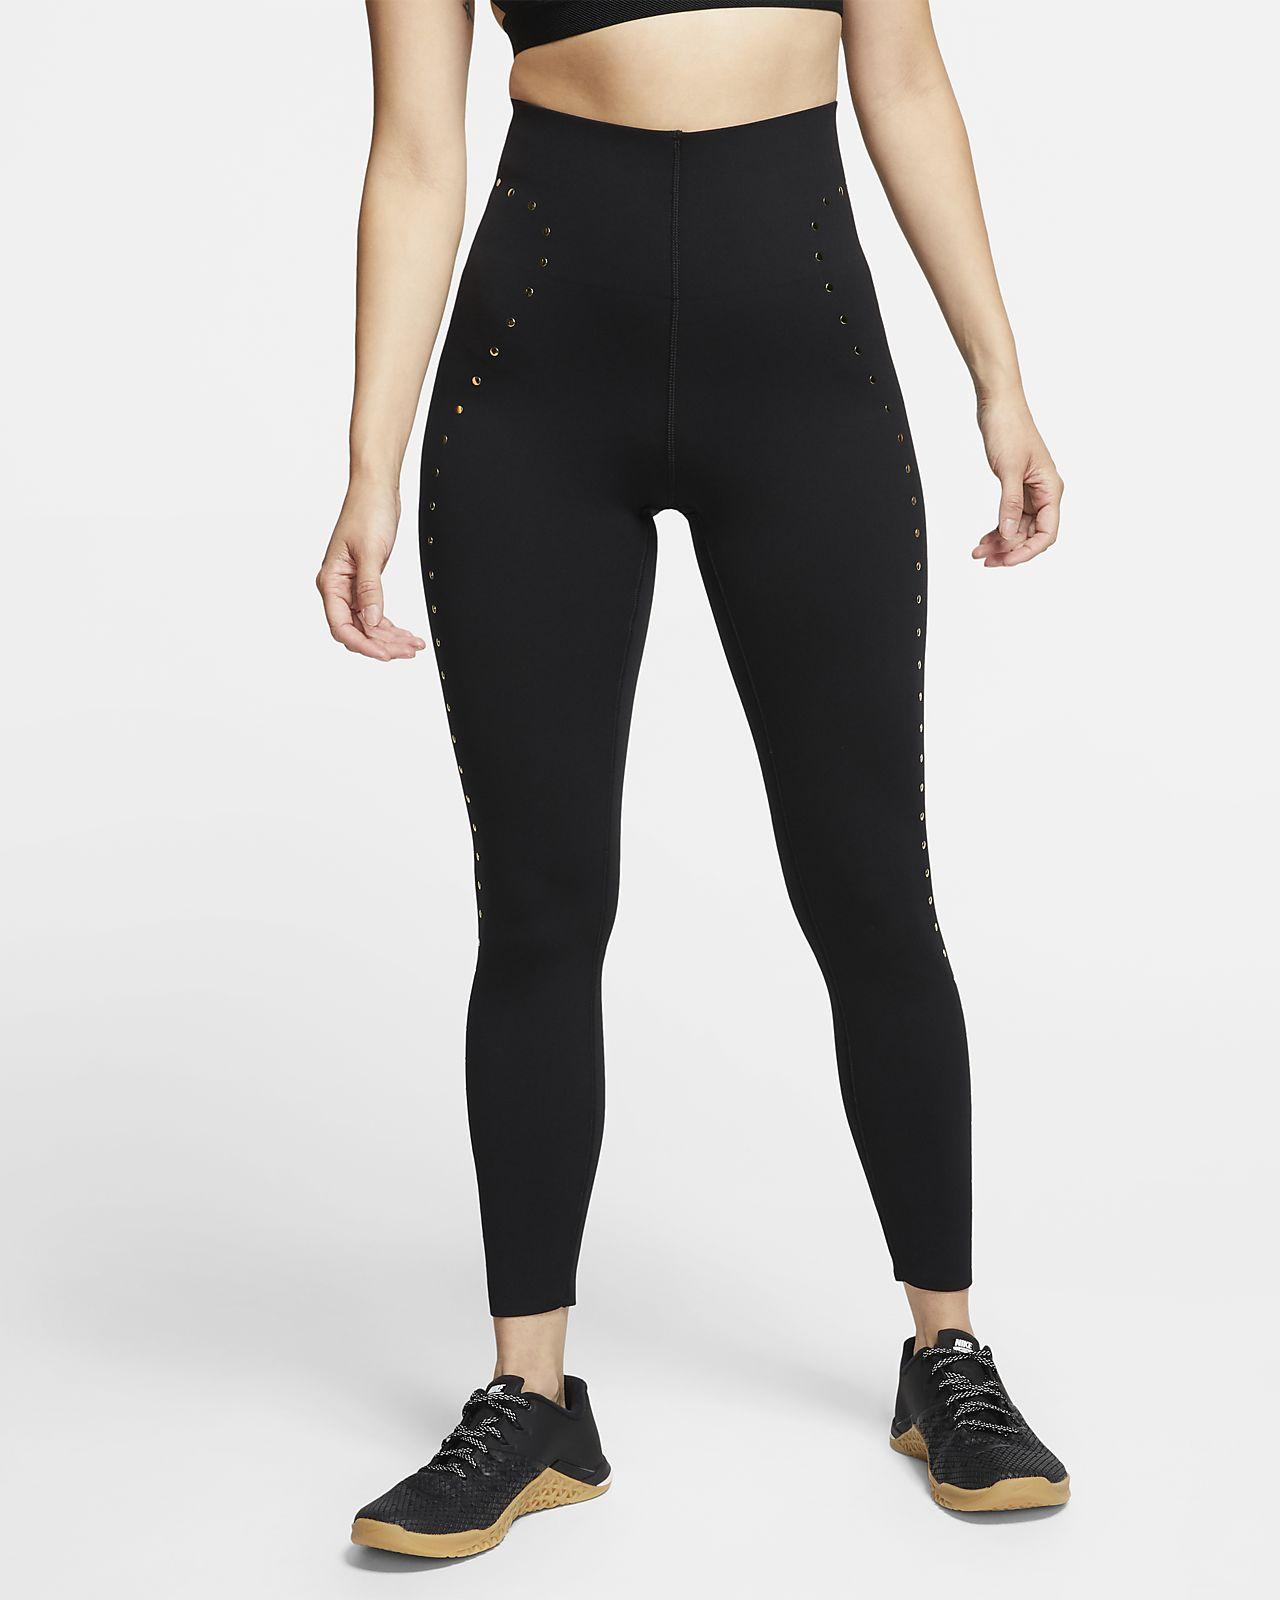 Mallas de entrenamiento 7/8 para mujer Nike con tachas